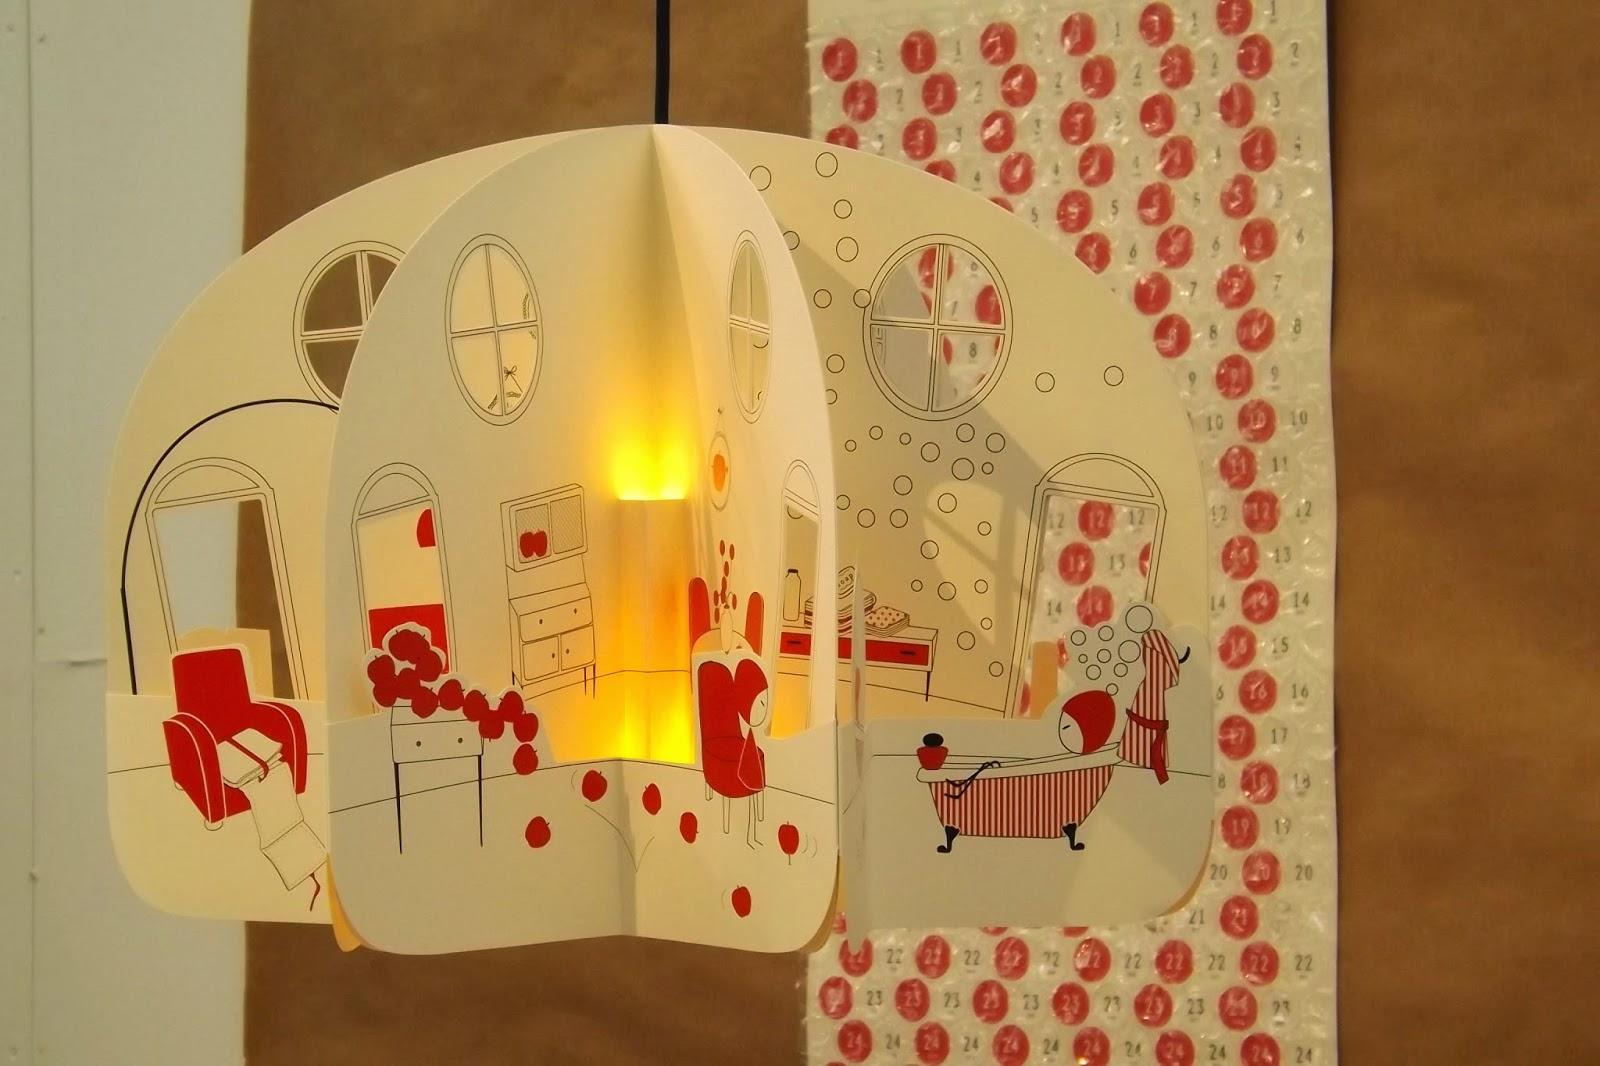 Lampadario Di Cartapesta : Shaulalala un lampadario d ocra